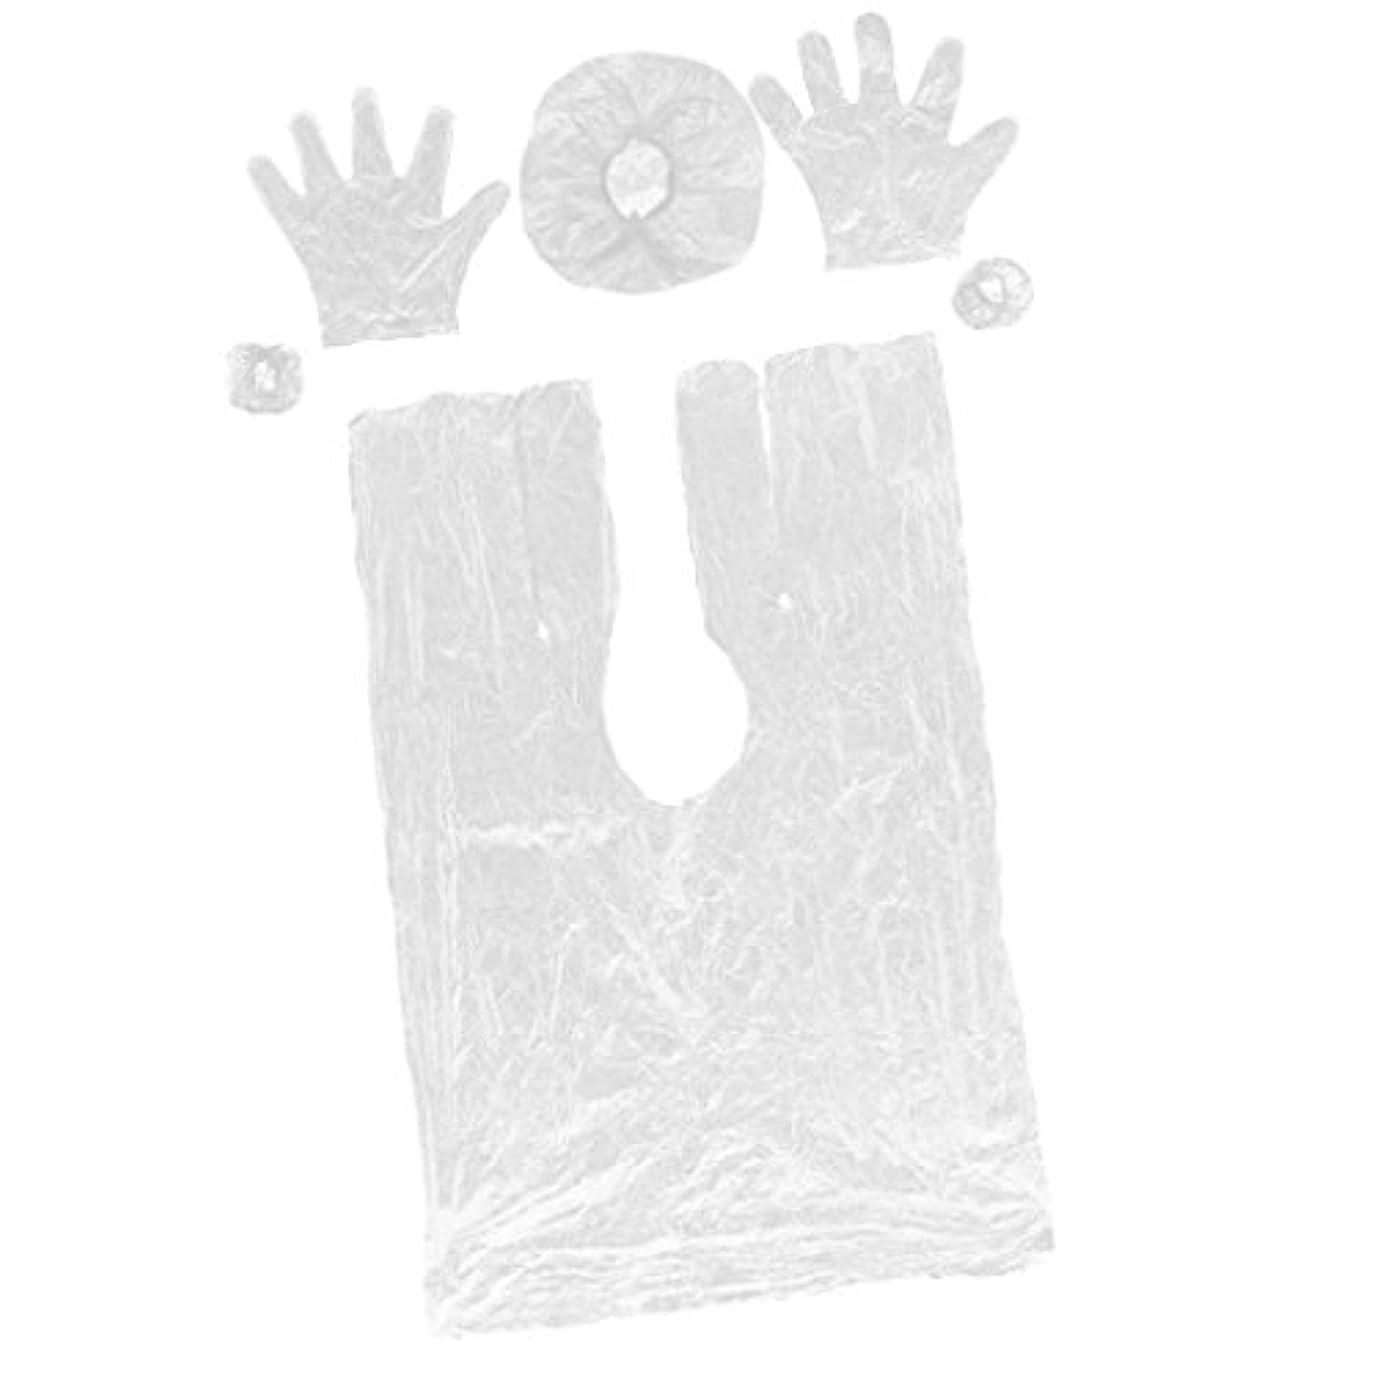 空洞ミニ借りているKesoto 使い捨て ヘアケアサロン帽子 弾性キャップ サロンケープ  手袋 耳栓 プラスチック製 10セット入り